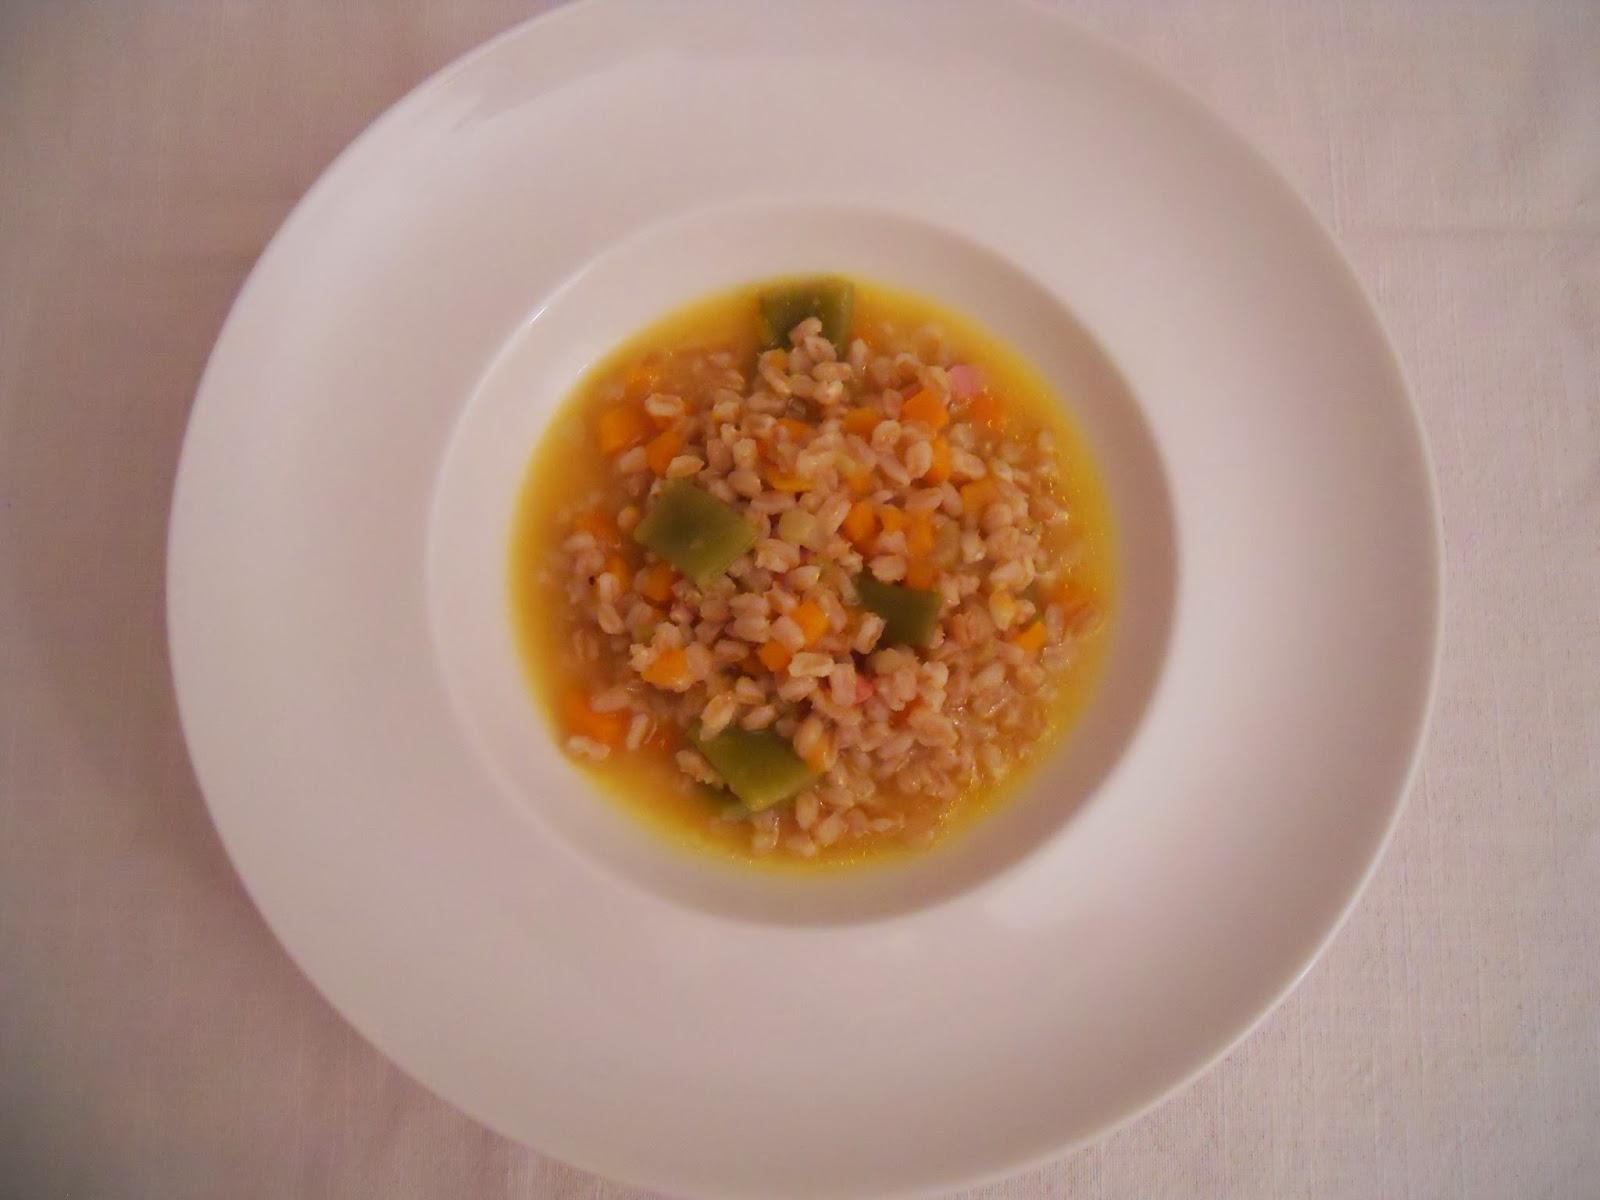 La cuisine italienne autentique soupe d 39 peautre for Apprendre la cuisine italienne